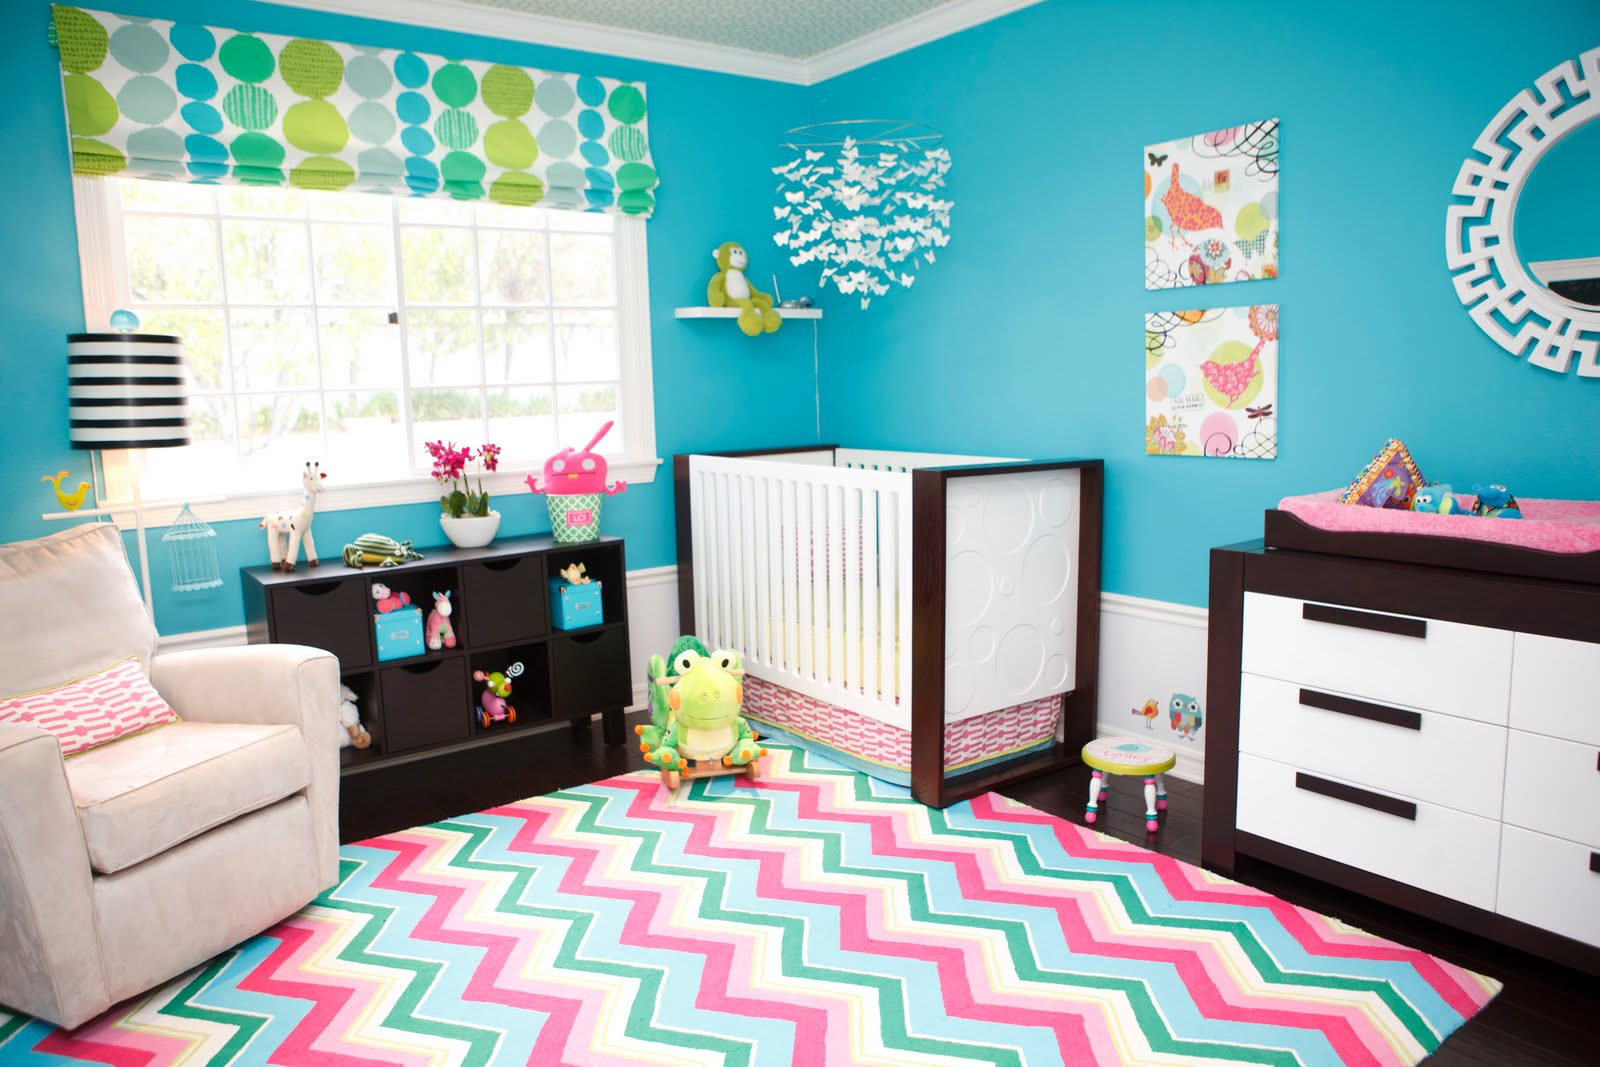 Бирюзовая комната для новорождённых